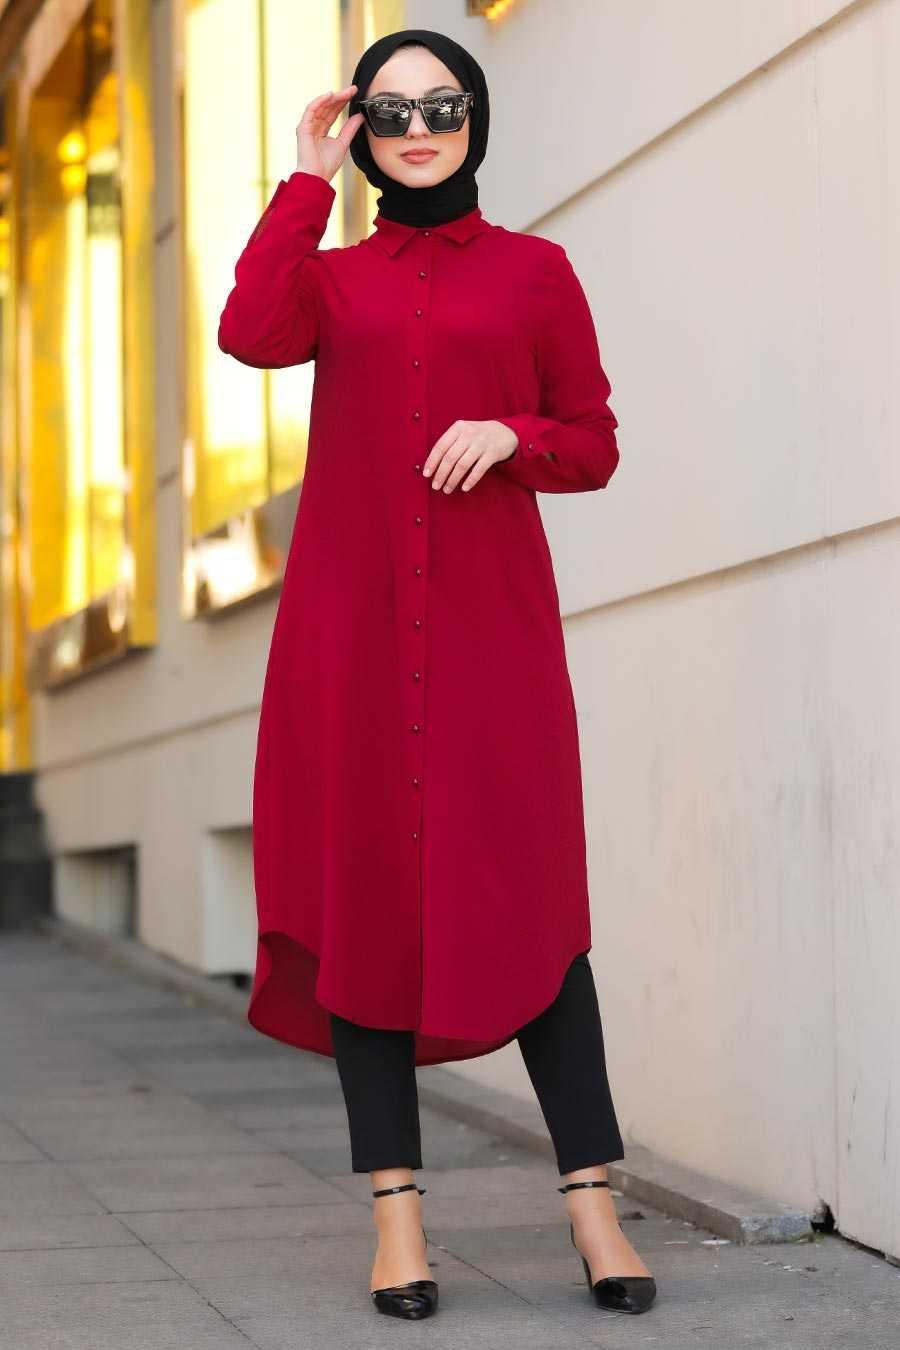 Red Hijab Tunic 4000K